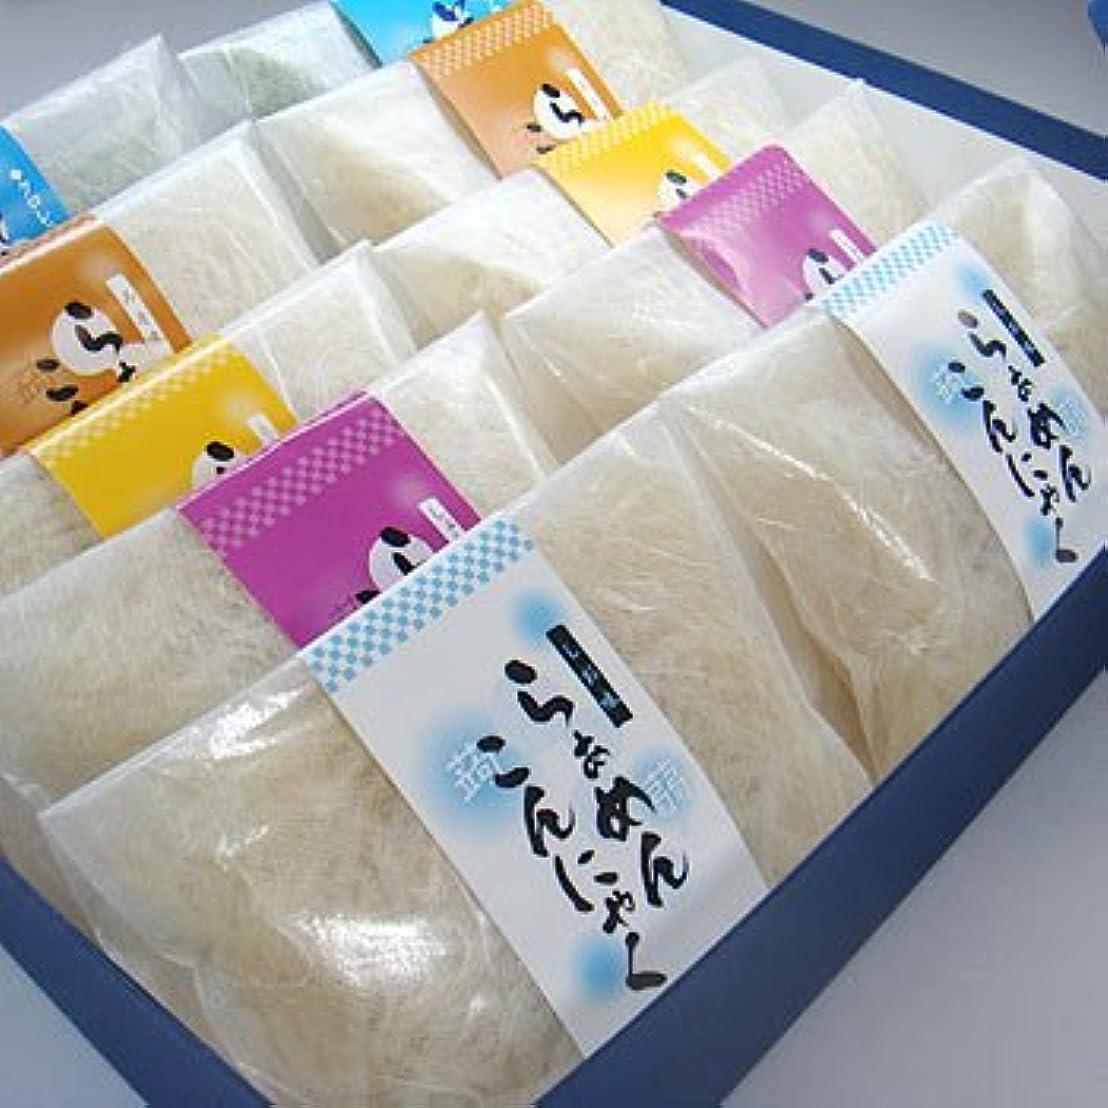 宿しっとり受け入れるギフト箱入こんにゃくラーメン10食セット【お中元】【ギフト】【ダイエット】【蒟蒻麺】